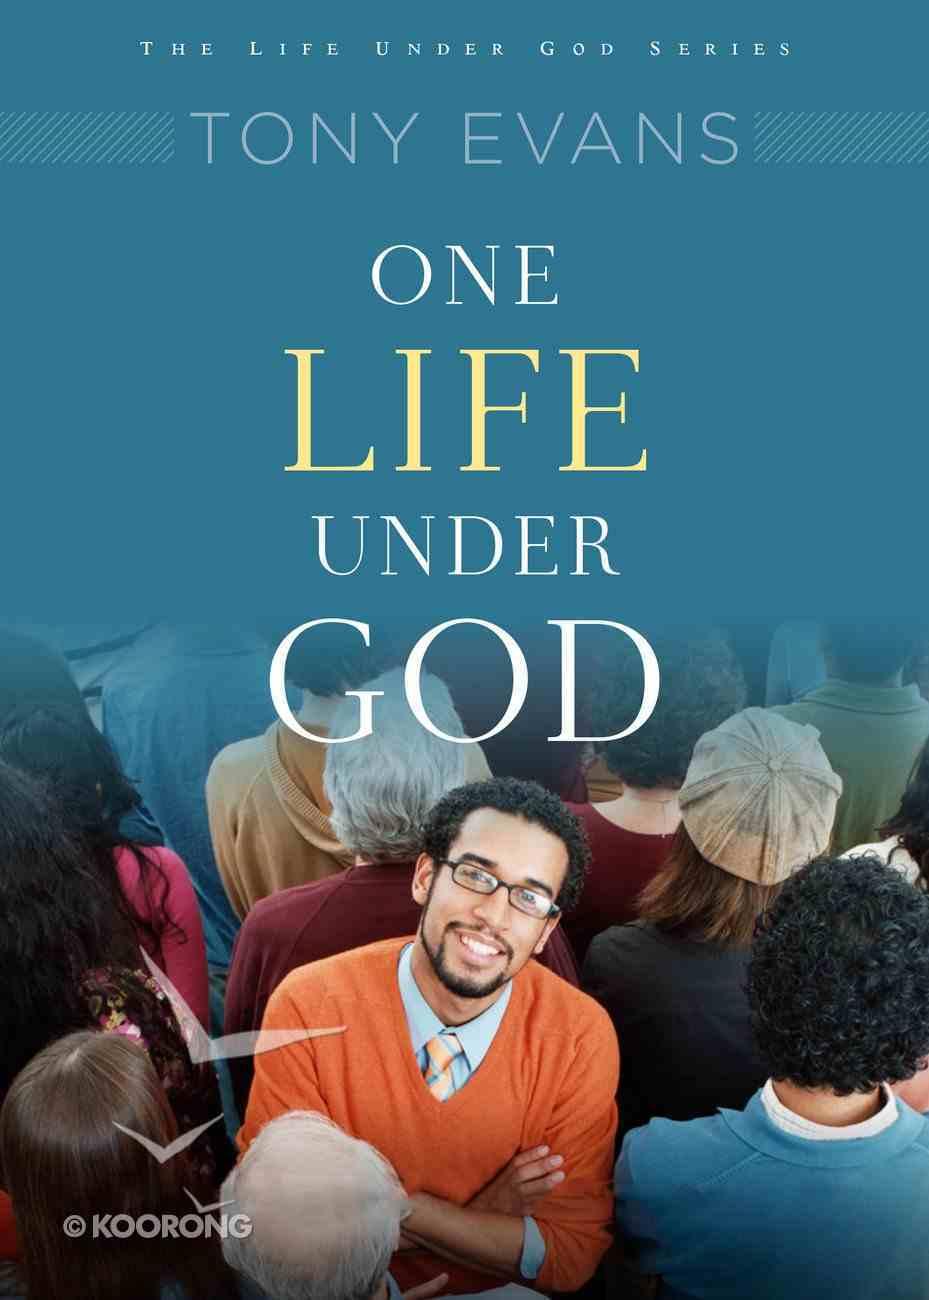 One Life Under God (Under God Series) Paperback